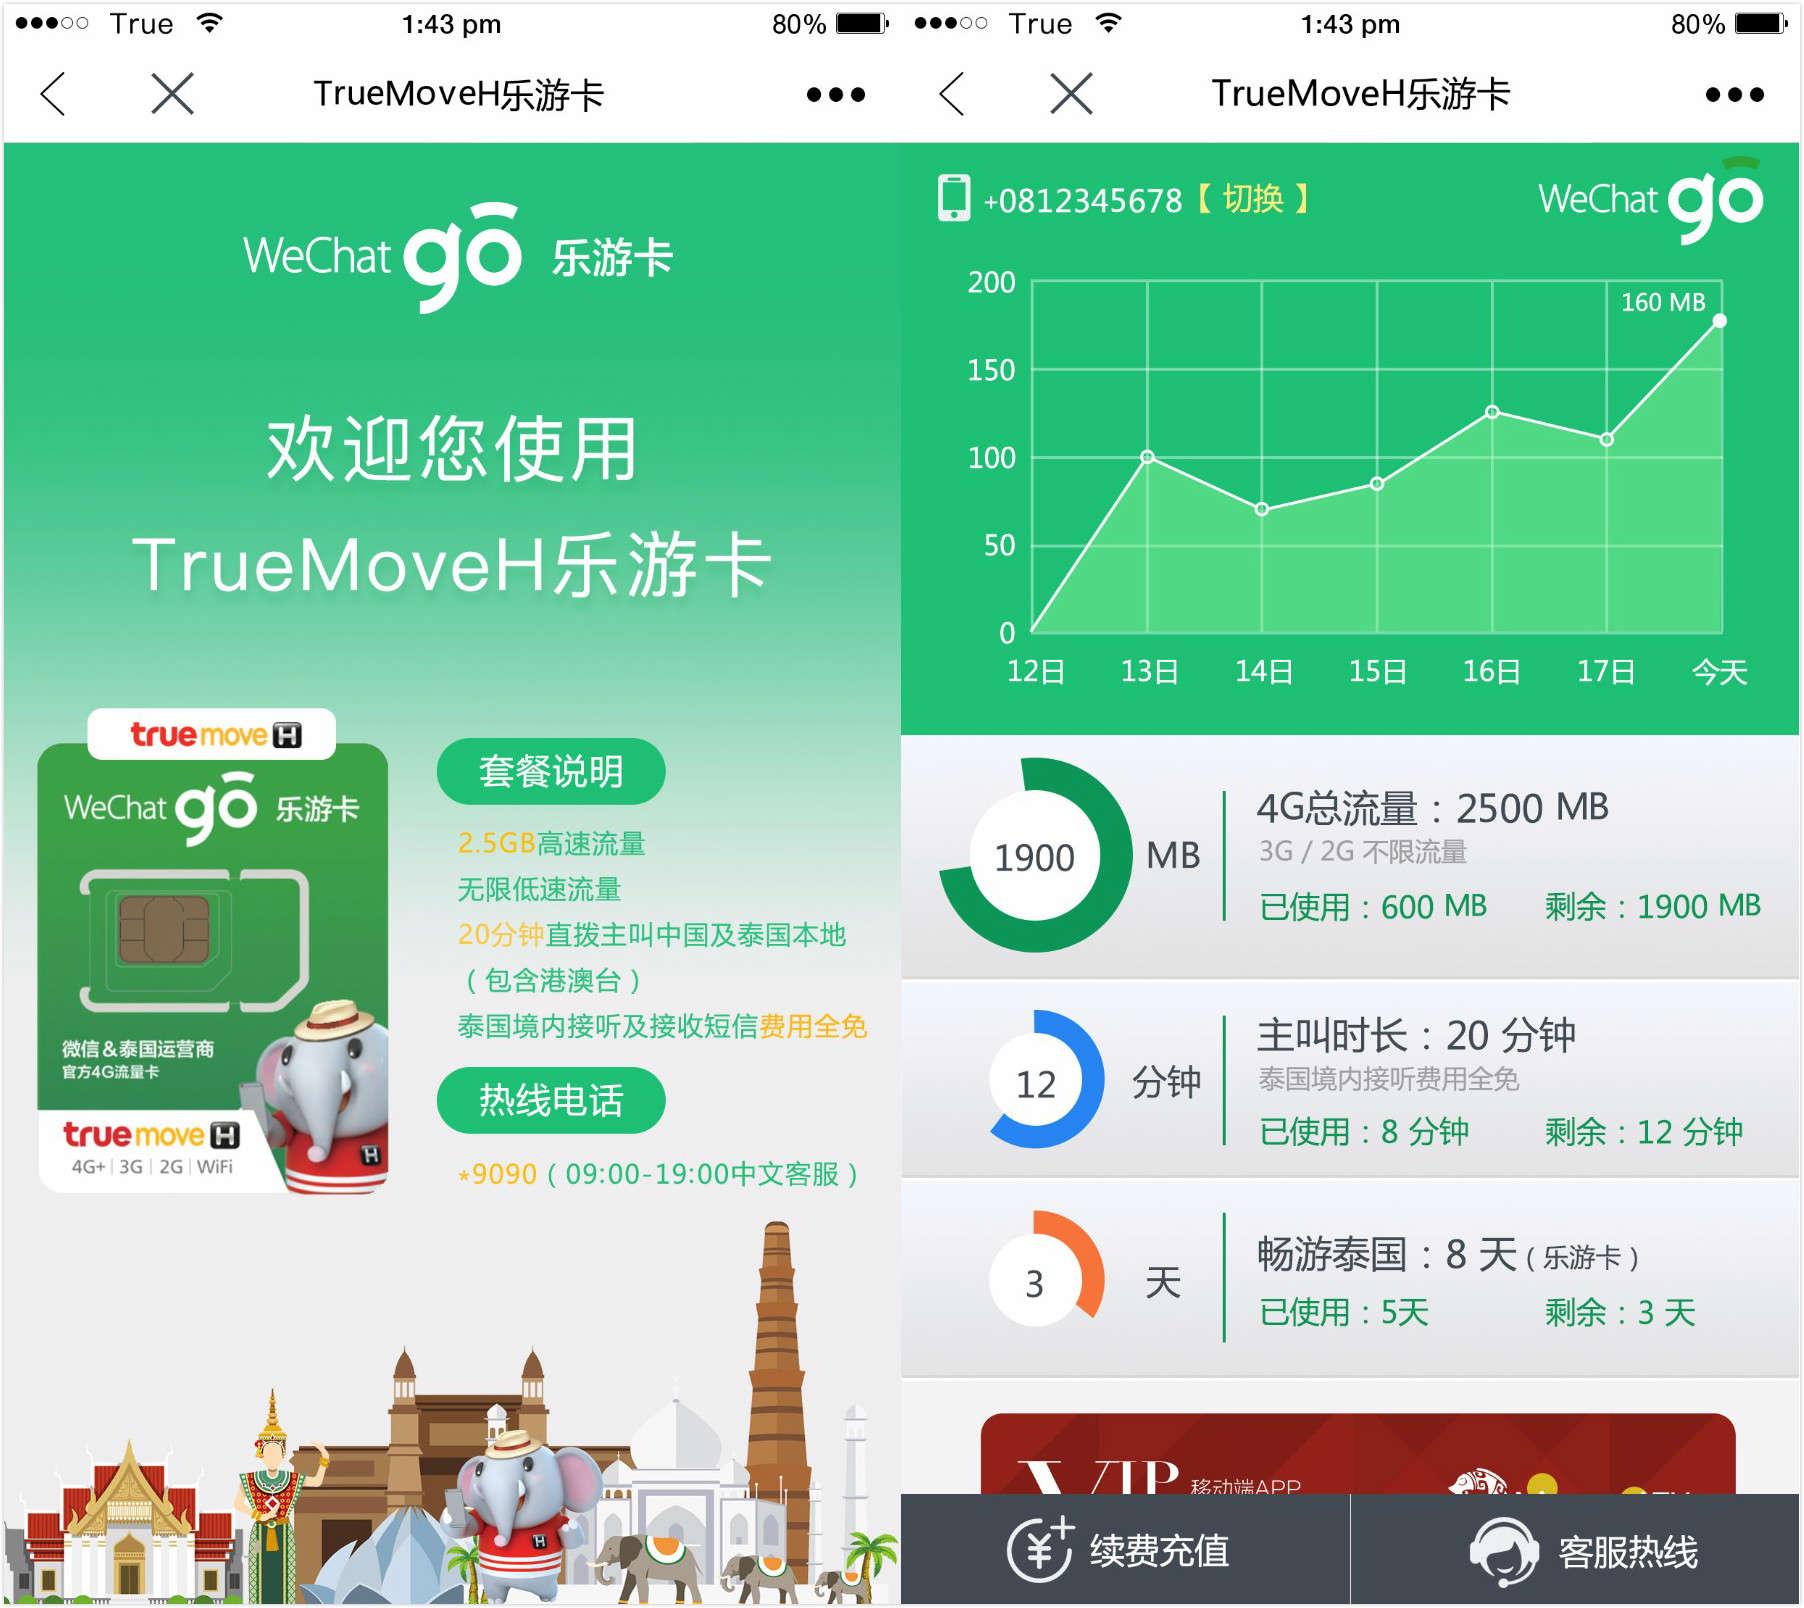 TrueMoveH乐游卡微信小程序测评